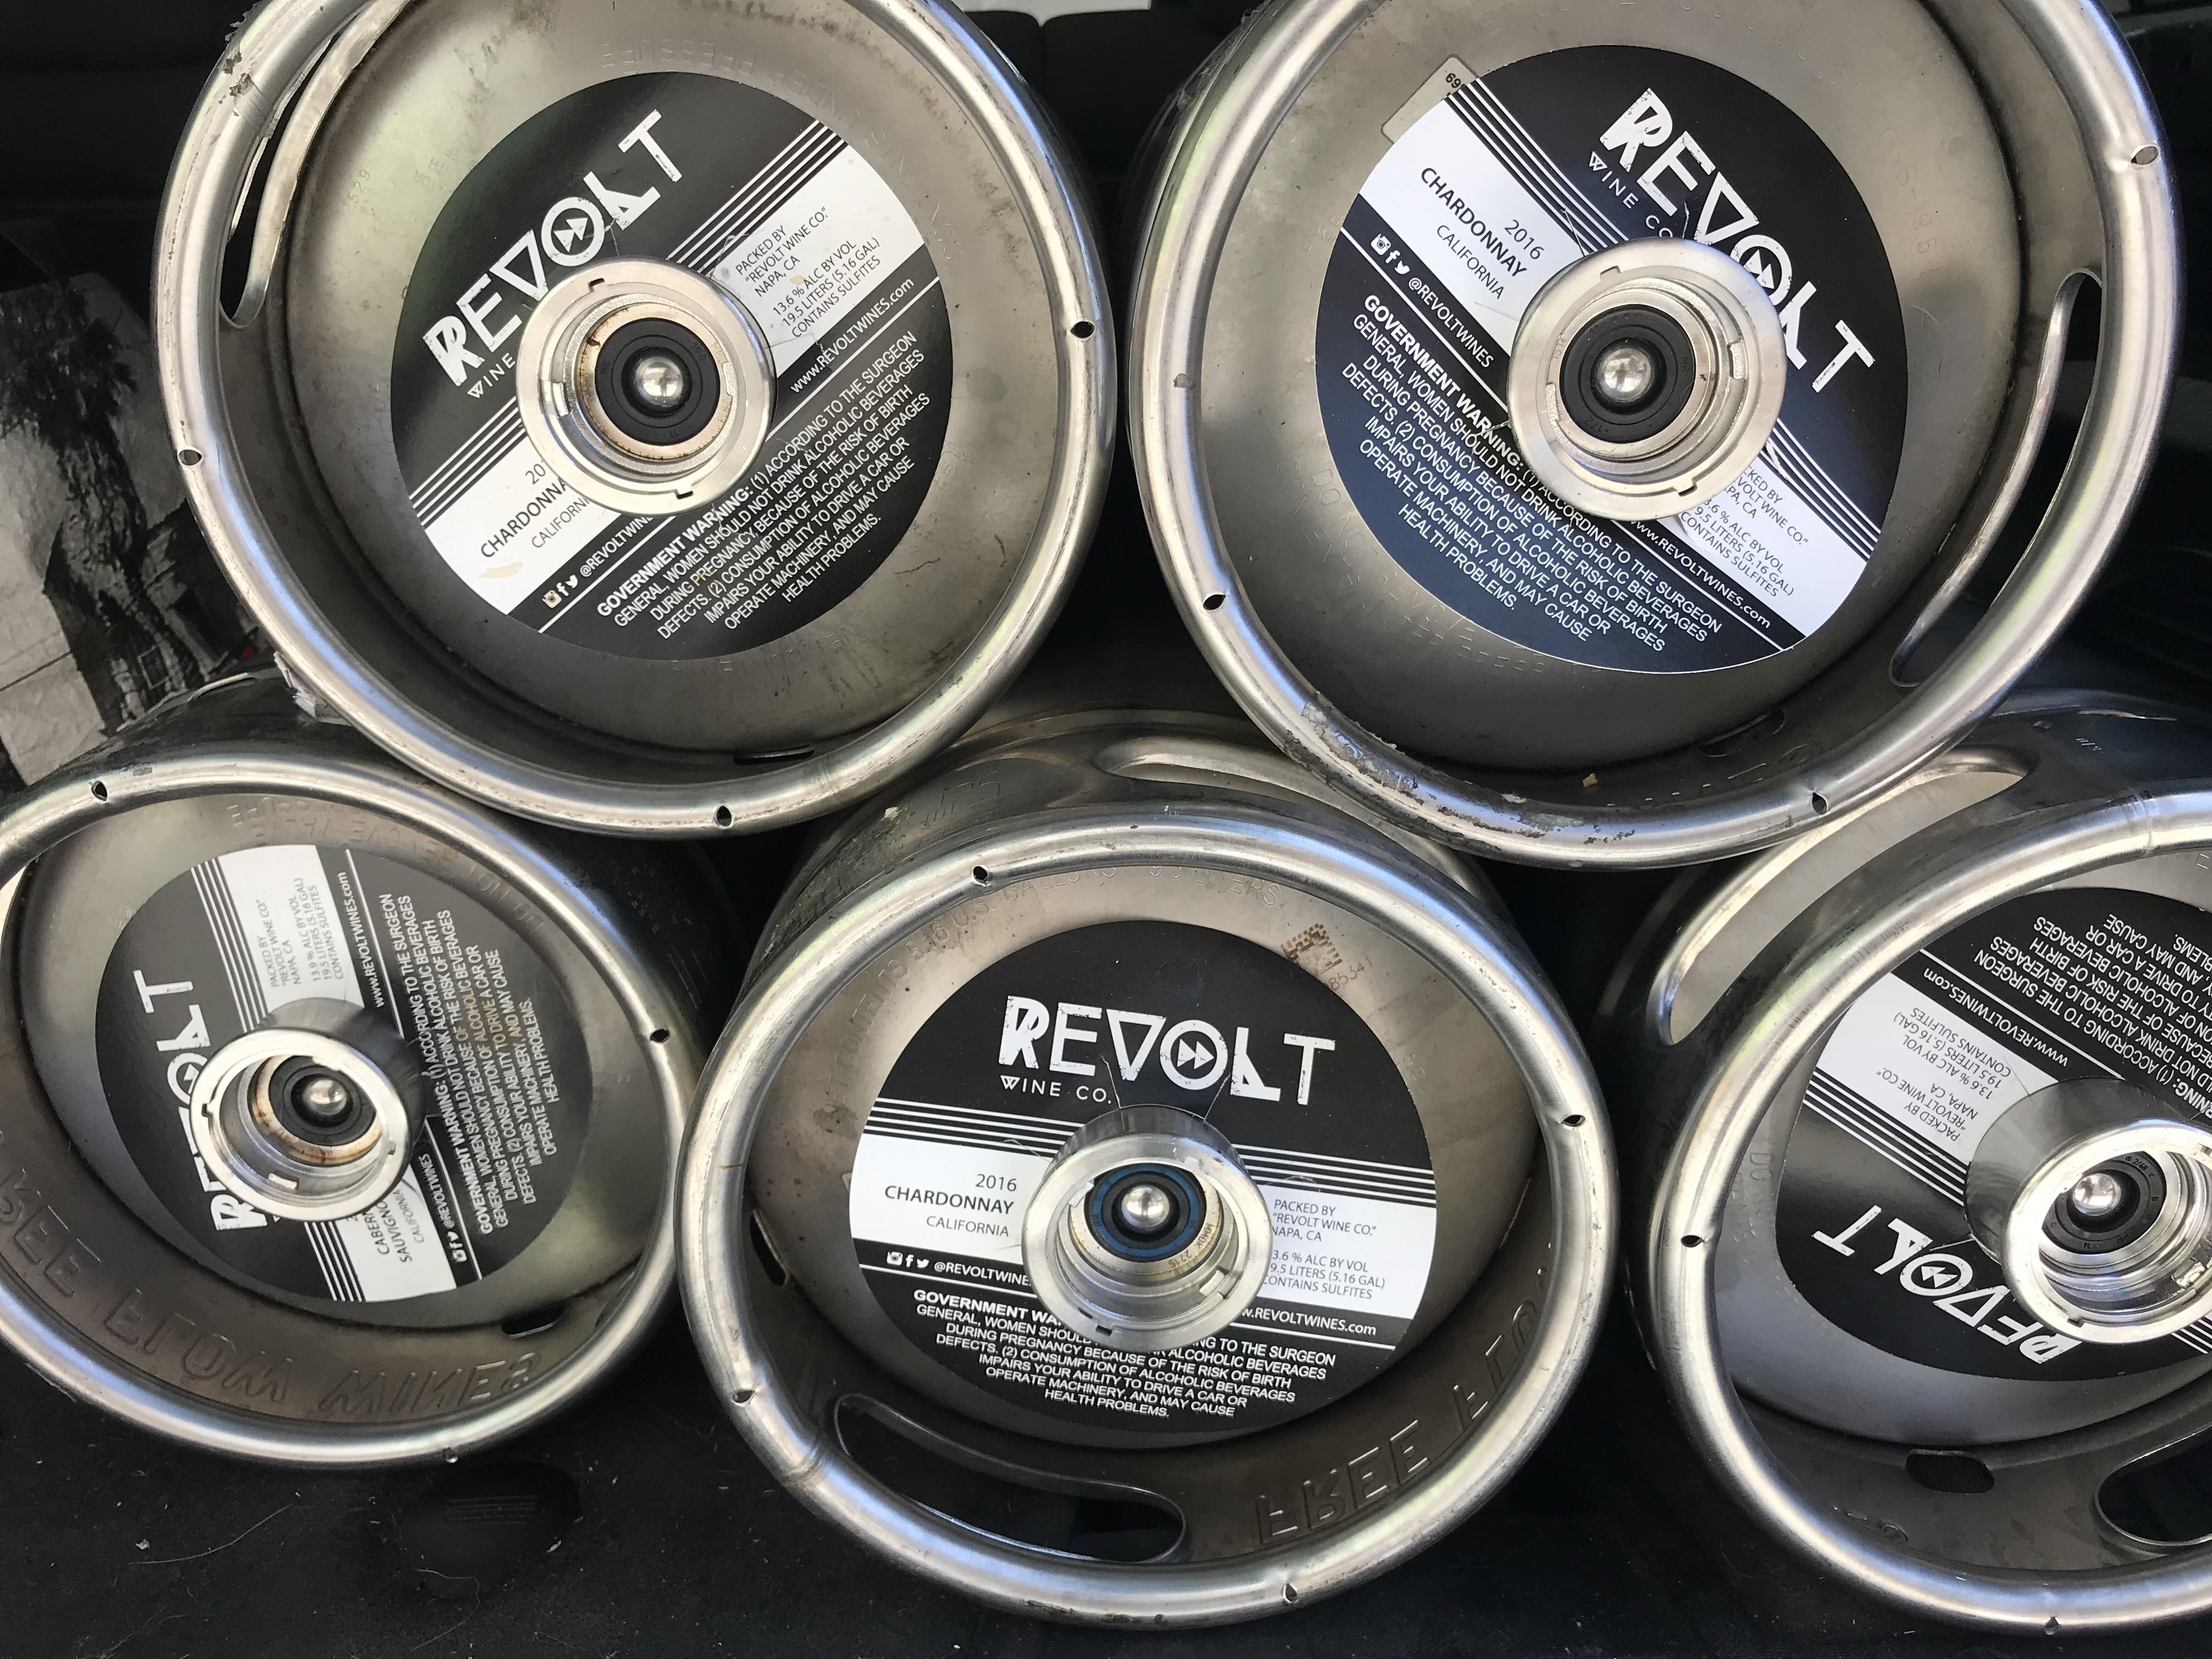 Revolt Wine Co. targets a different kind of wine drinker